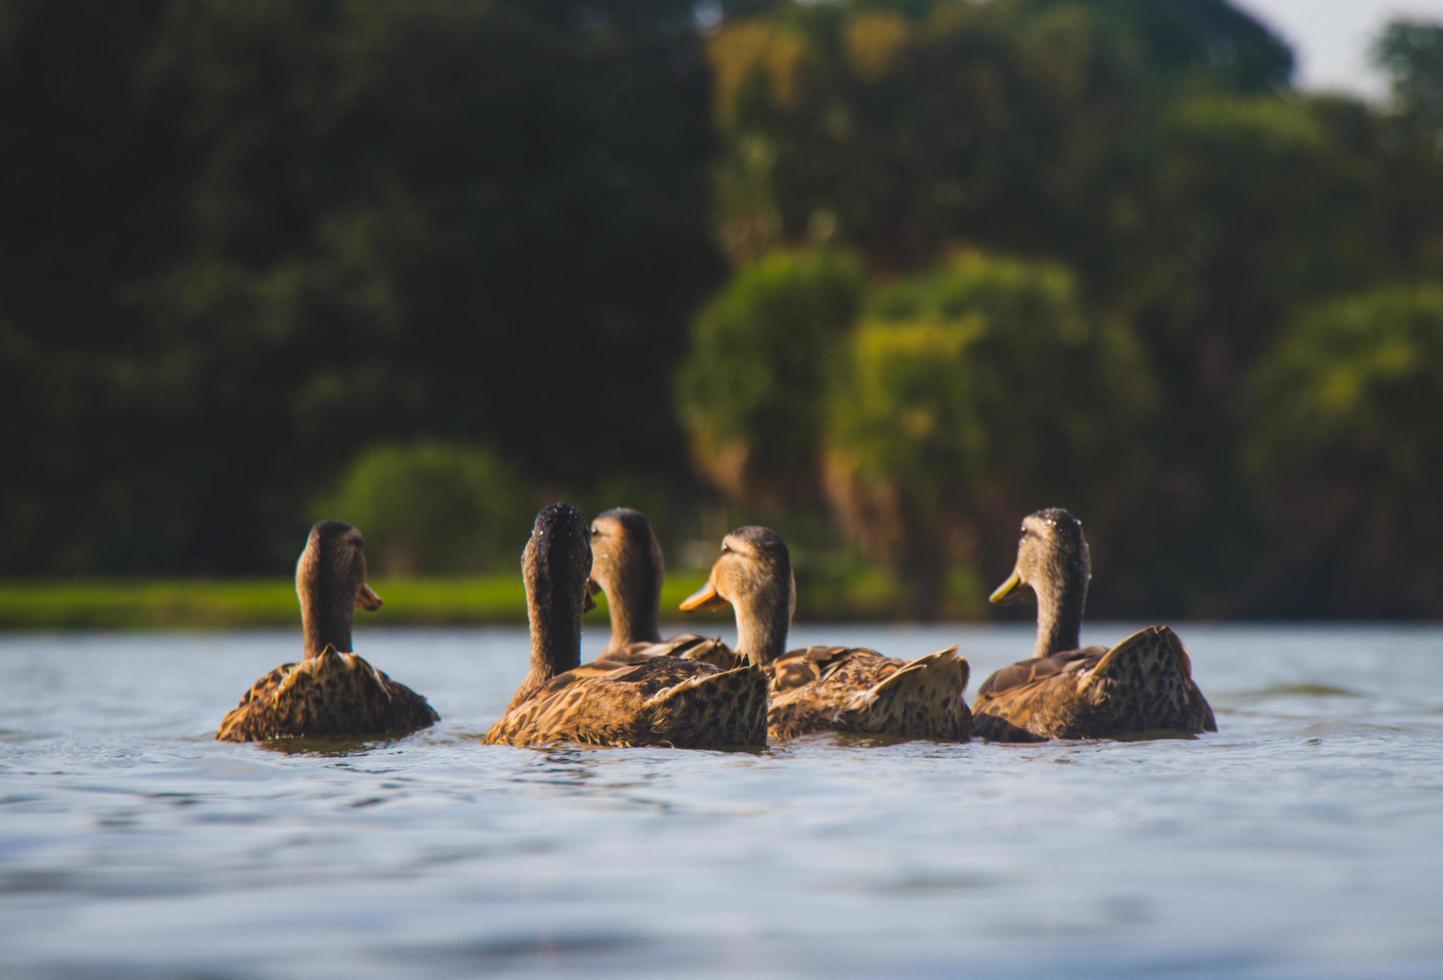 cinq canards bruns dans un plan d'eau photo